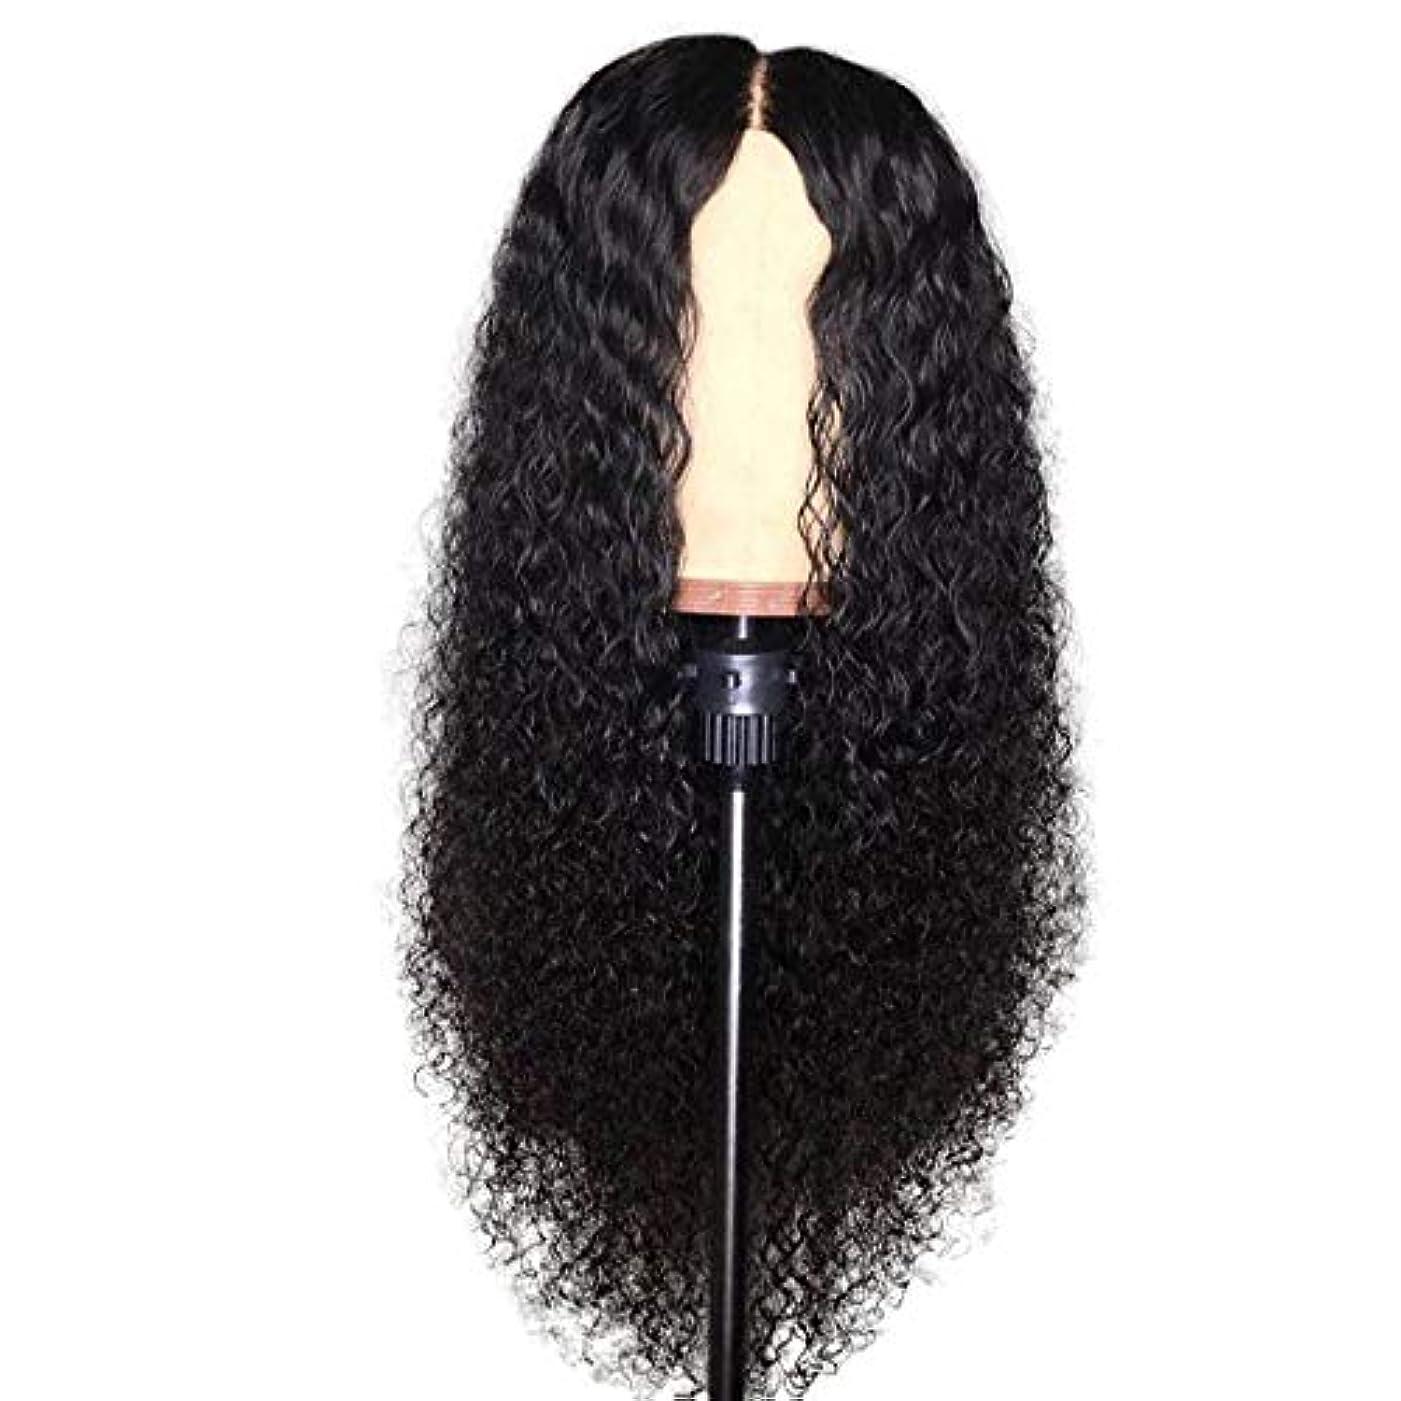 緊張する比喩オペレーターカーリー人間の髪の毛のかつらナチュラルカラー漂白ノットブラジル人のremyかつら人間の髪の毛の前髪かつら事前に吹かれたかつら,8